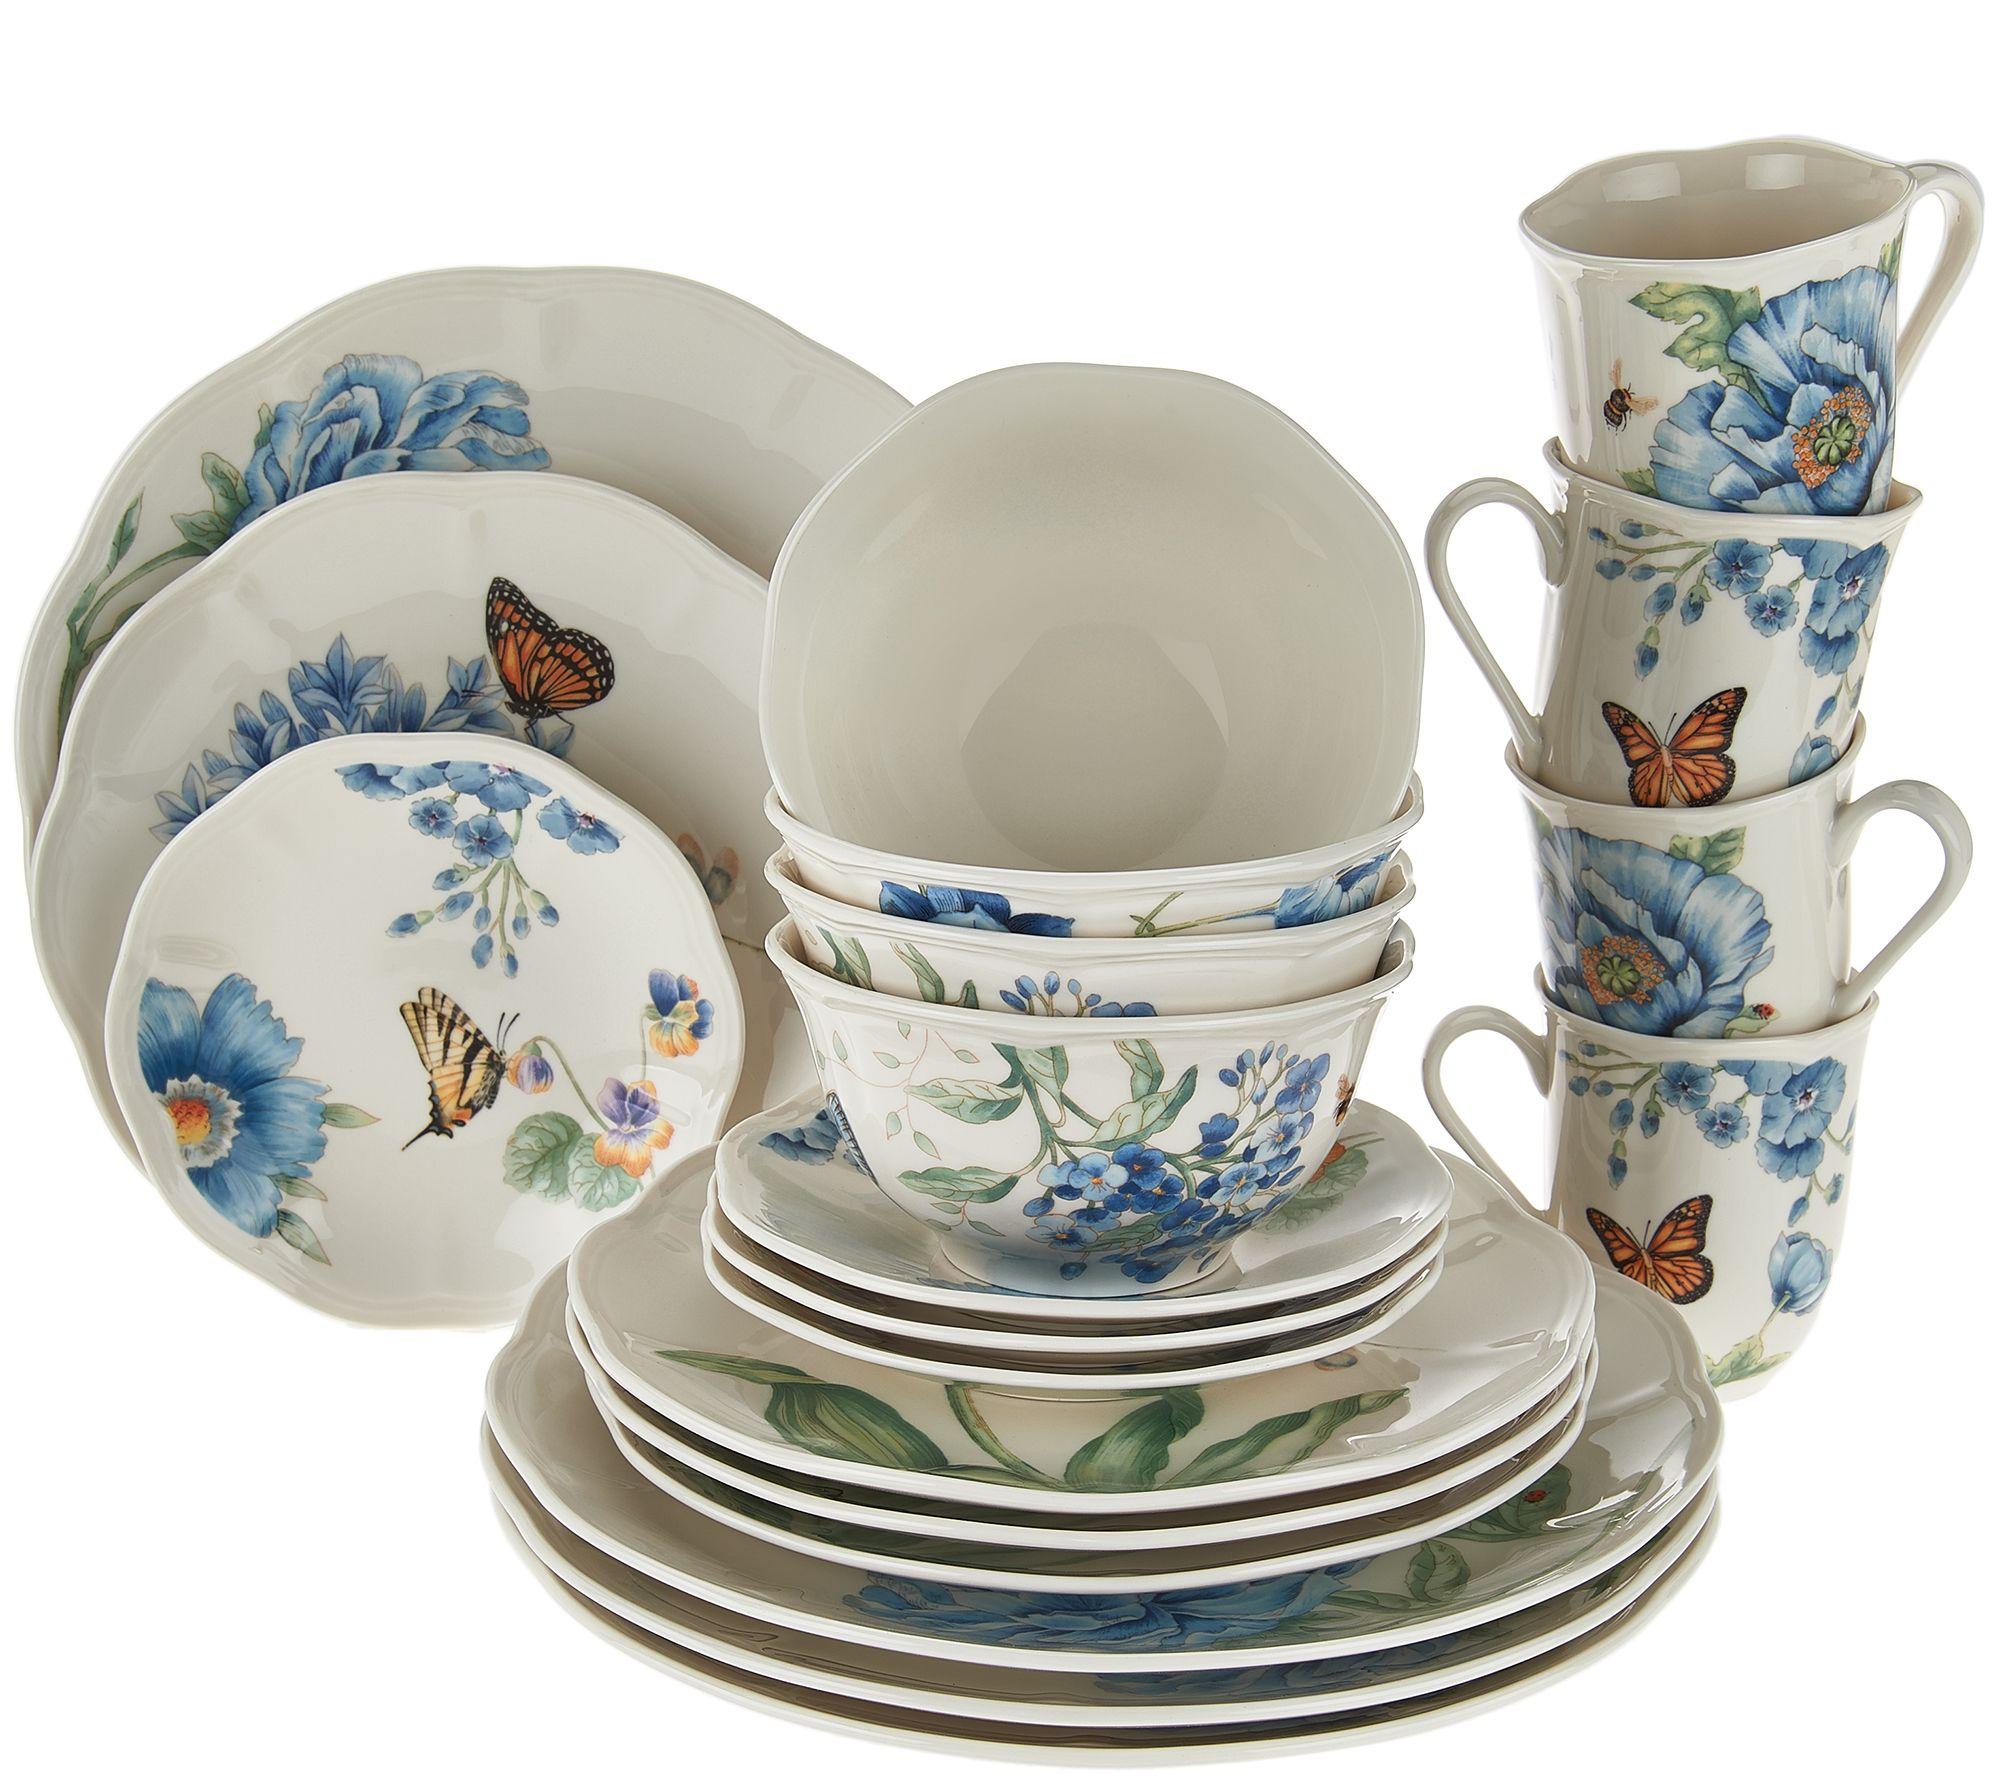 Porcelain Dinnerware Set - Page 1 u2014 QVC.com  sc 1 st  QVC.com & Lenox Butterfly Meadow 20-pc. Porcelain Dinnerware Set - Page 1 ...